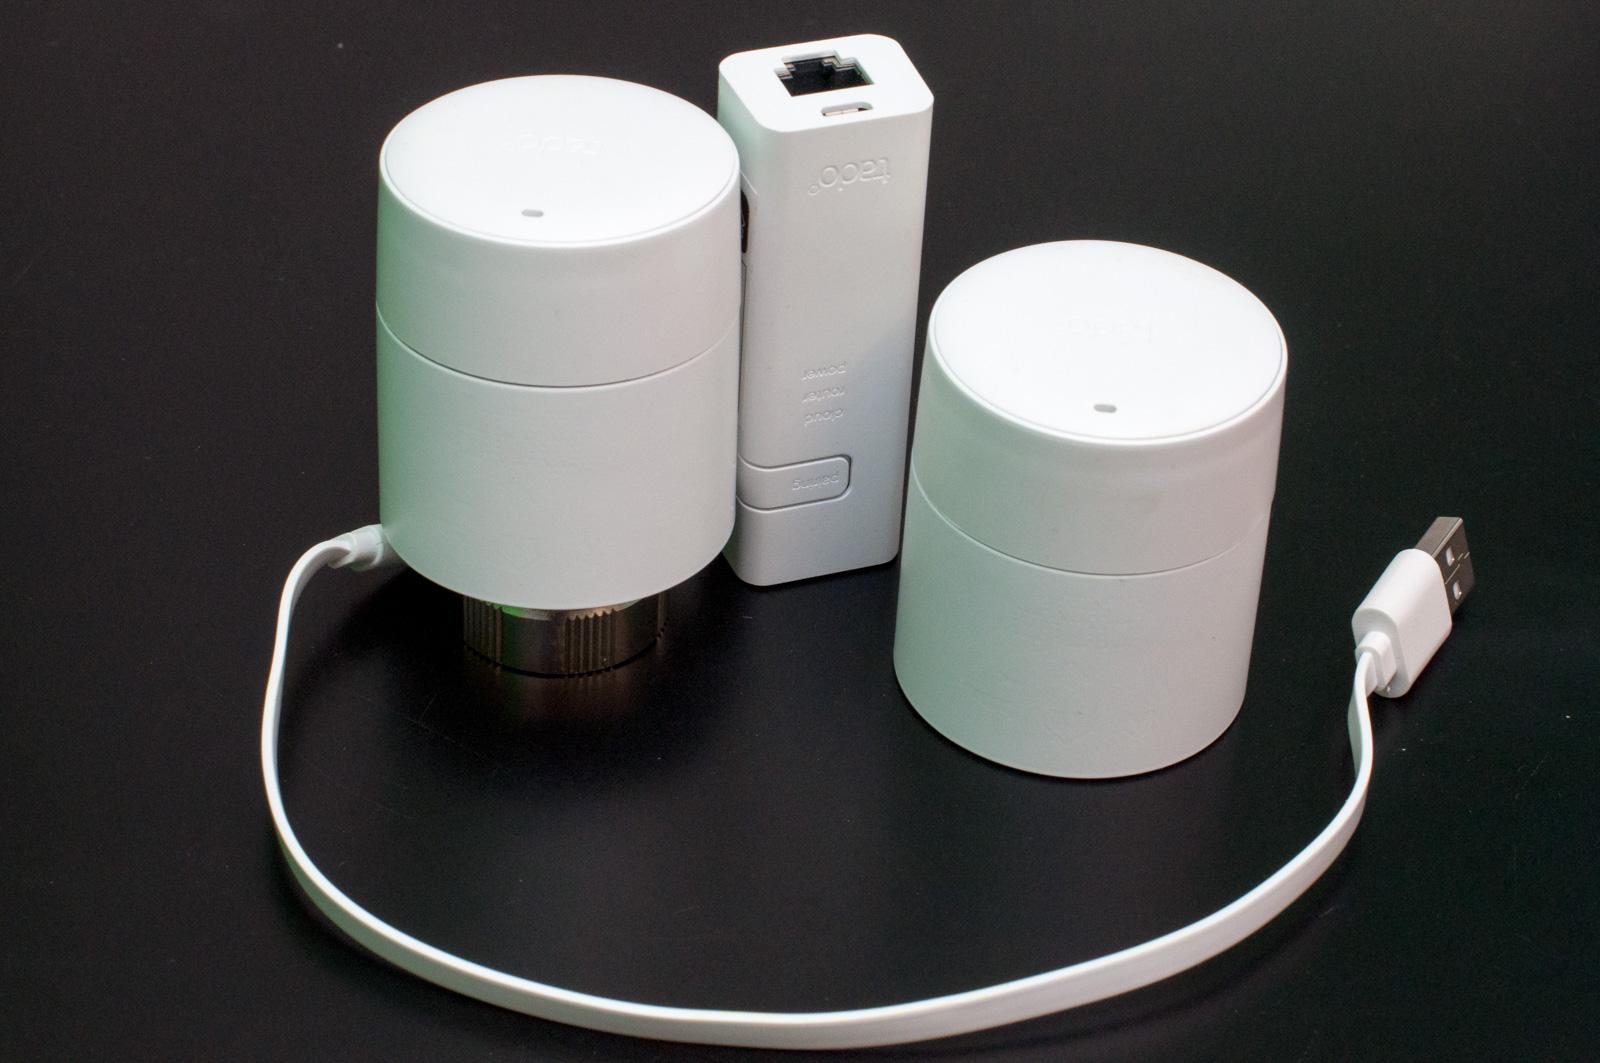 Tado im Test: Heizkörperthermostate mit effizientem Stalker-Modus - Sie kann per USB mit 120 mA an einem Router versorgt werden. (Foto: Andreas Sebayang/Golem.de)